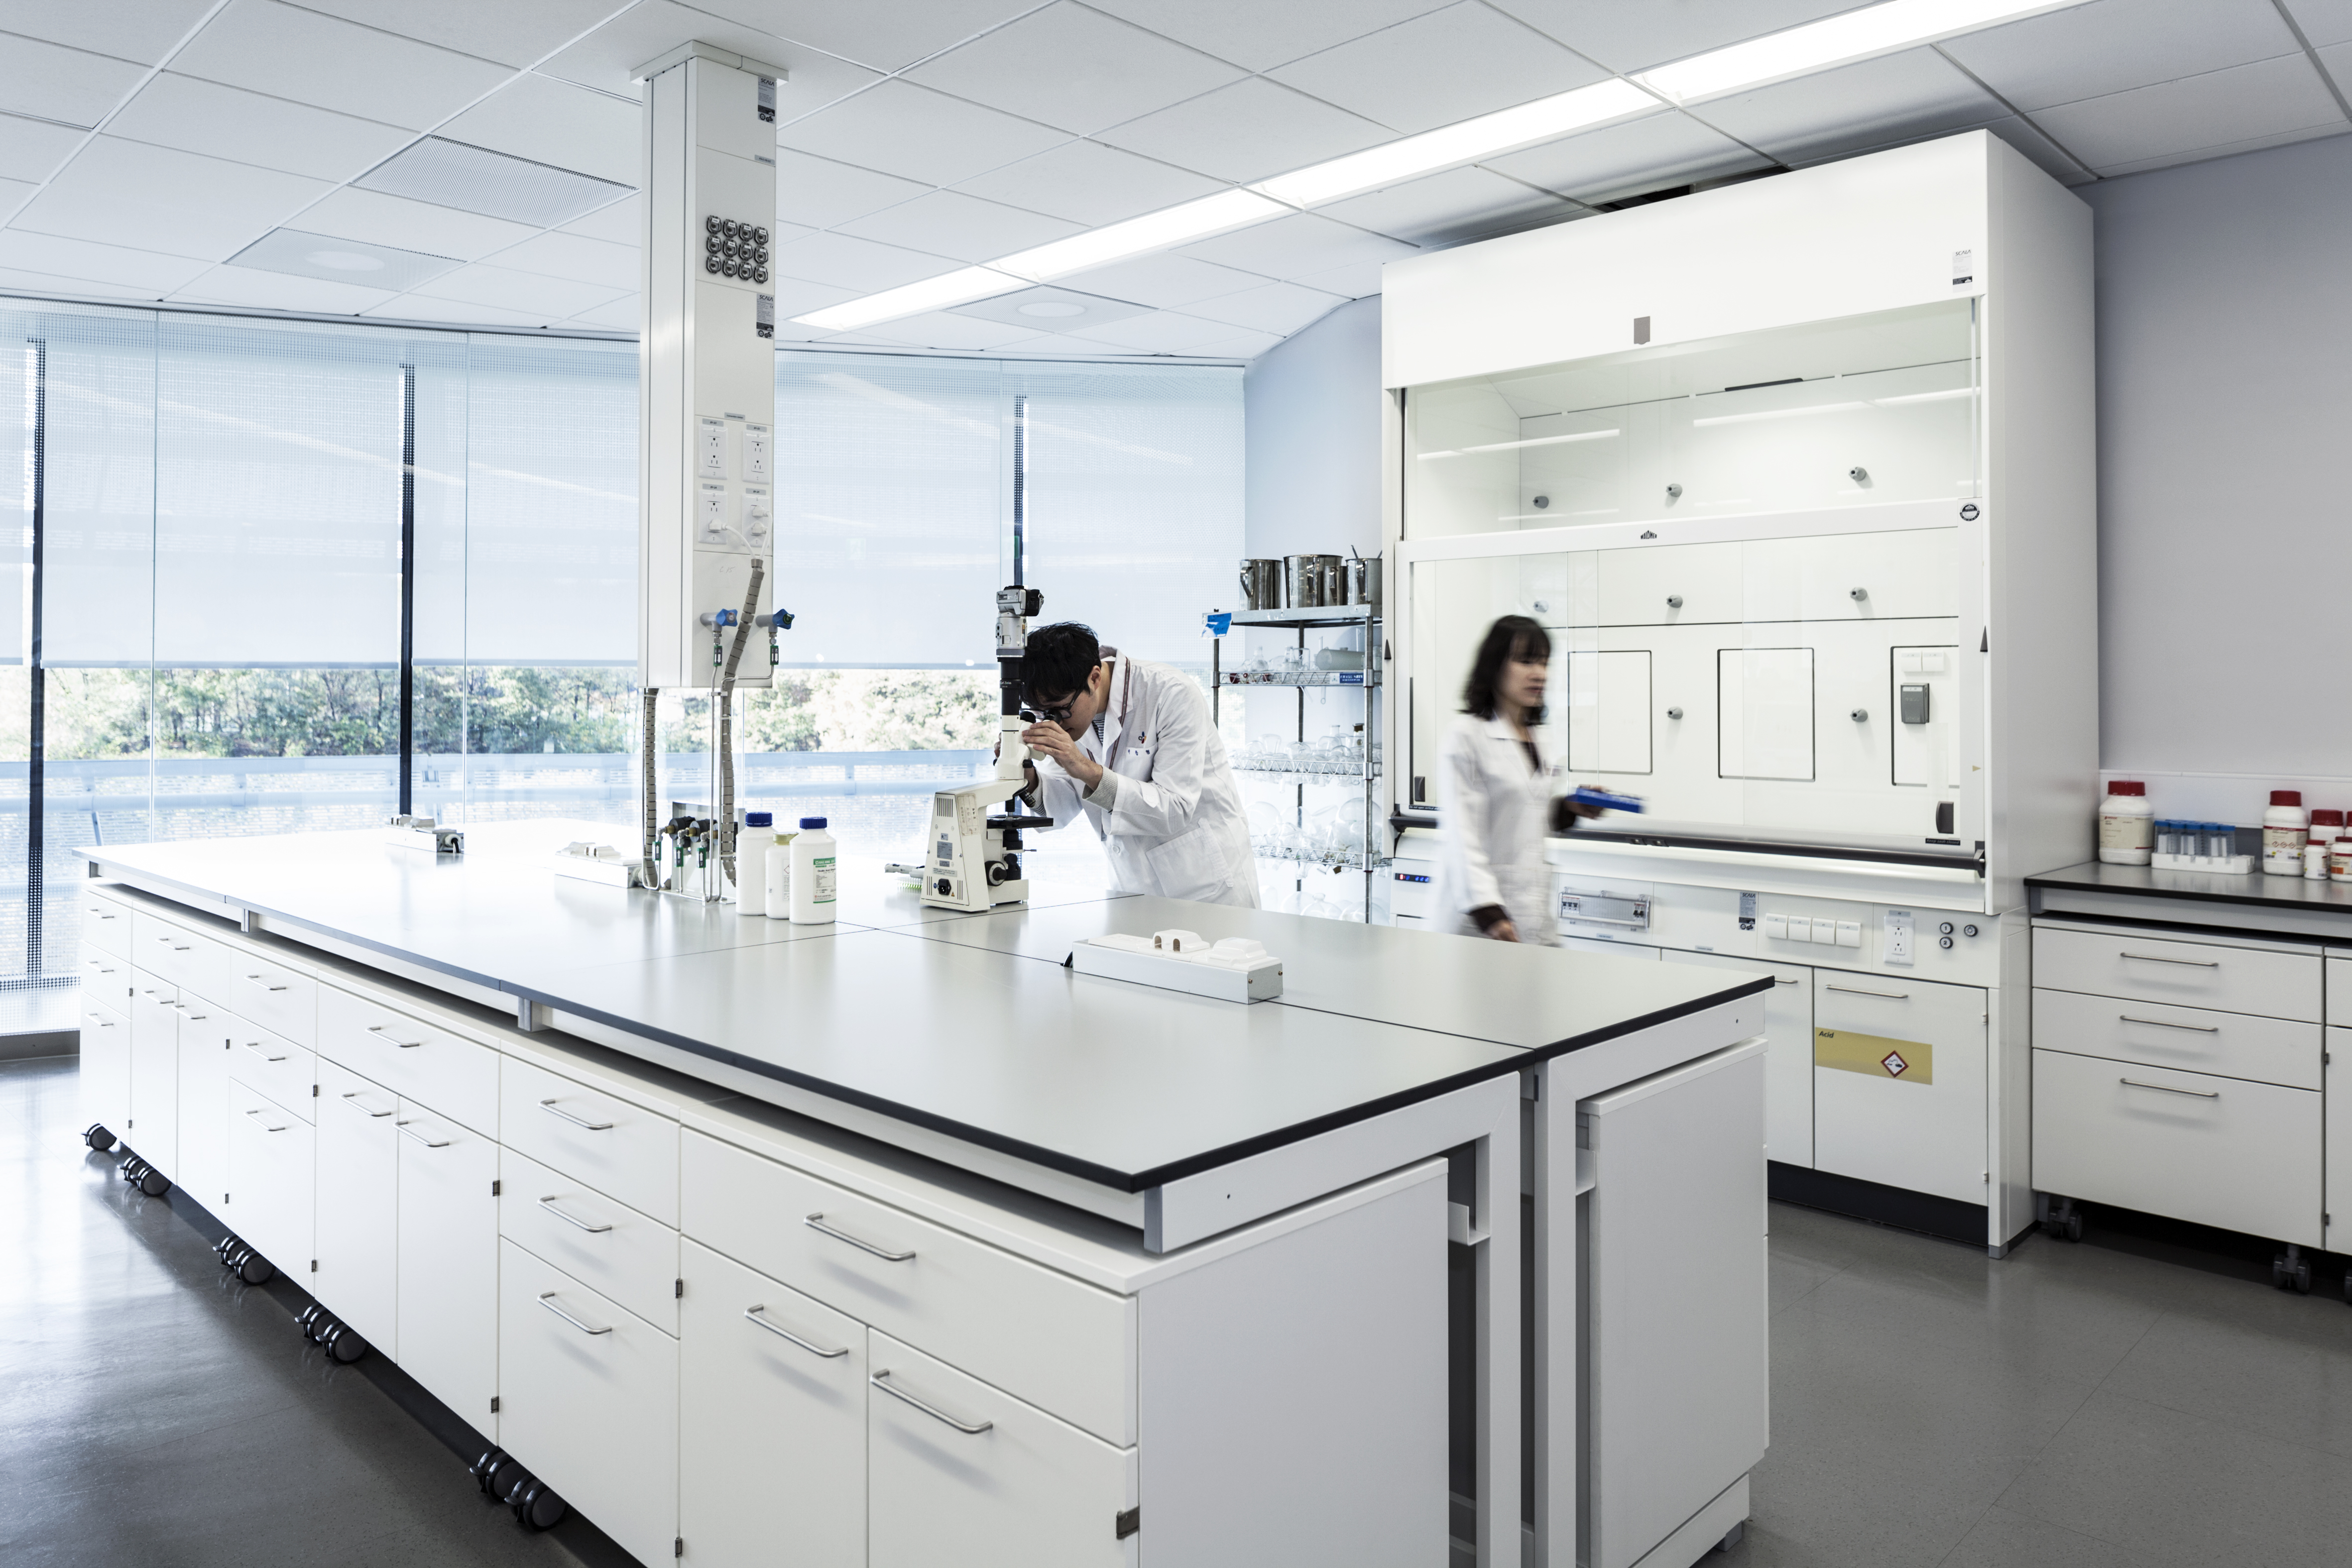 Trespa in laboratorium